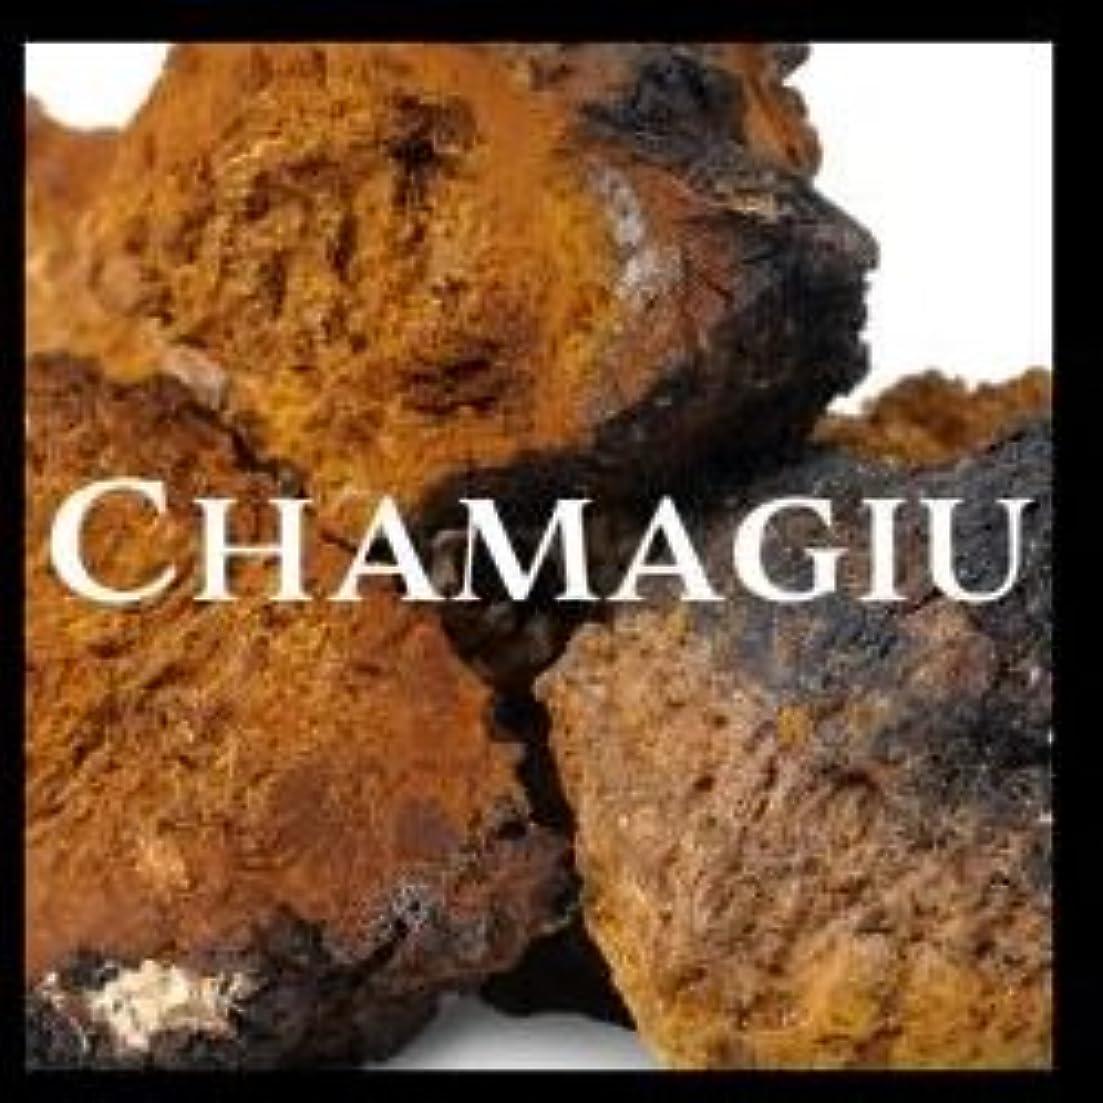 ポルトガル語バイナリバイナリチャマージュ~Chamagiu~/ ダイエットサプリメント ボディケア